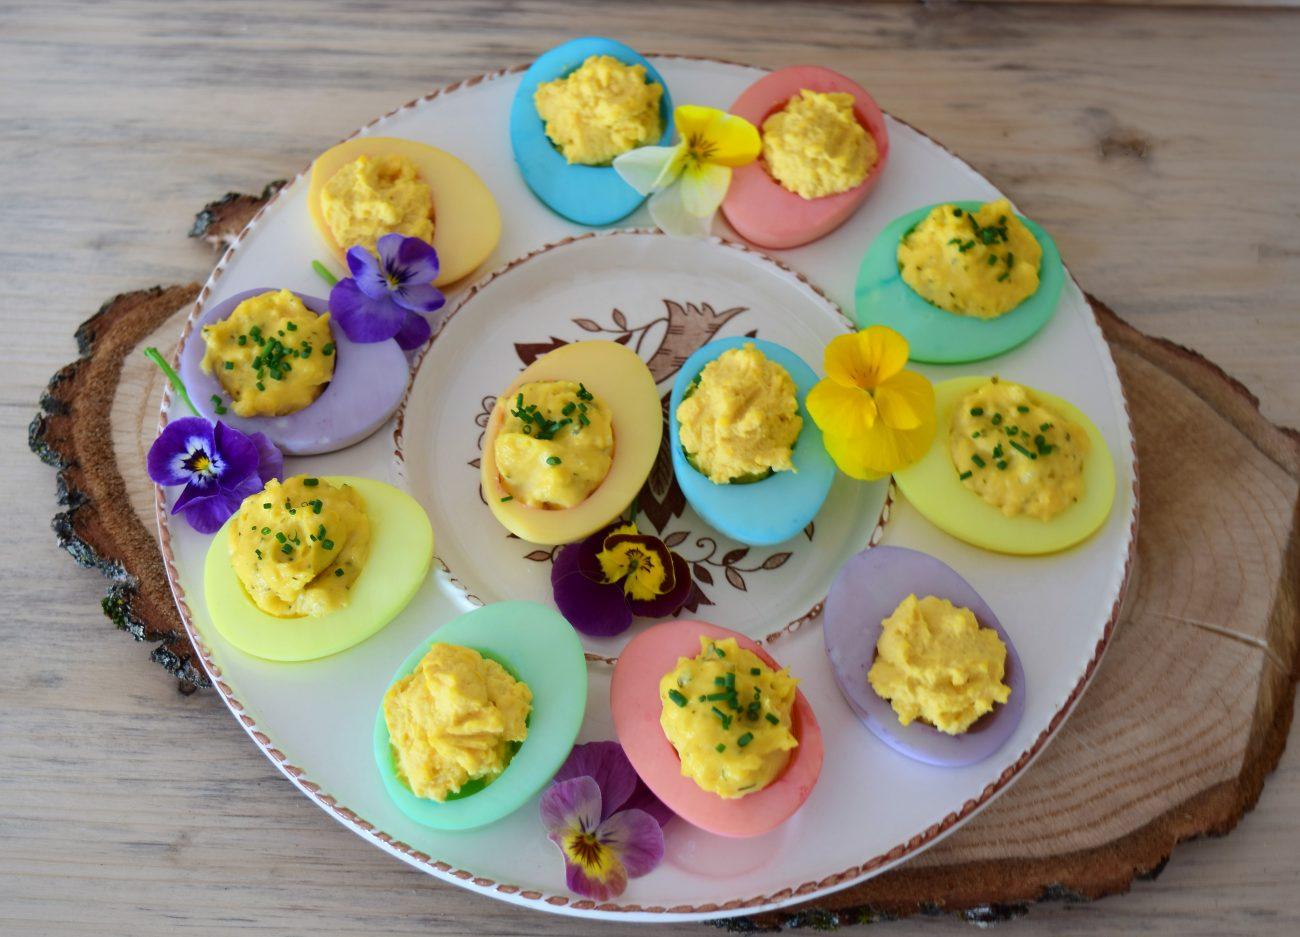 Bunte Frühlingseier, gefärtbe Eier, Eier, Frühling, Ostern, Eier färben, Blackforestkitchen, gefüllte Eier, herzafte Eier, Ei